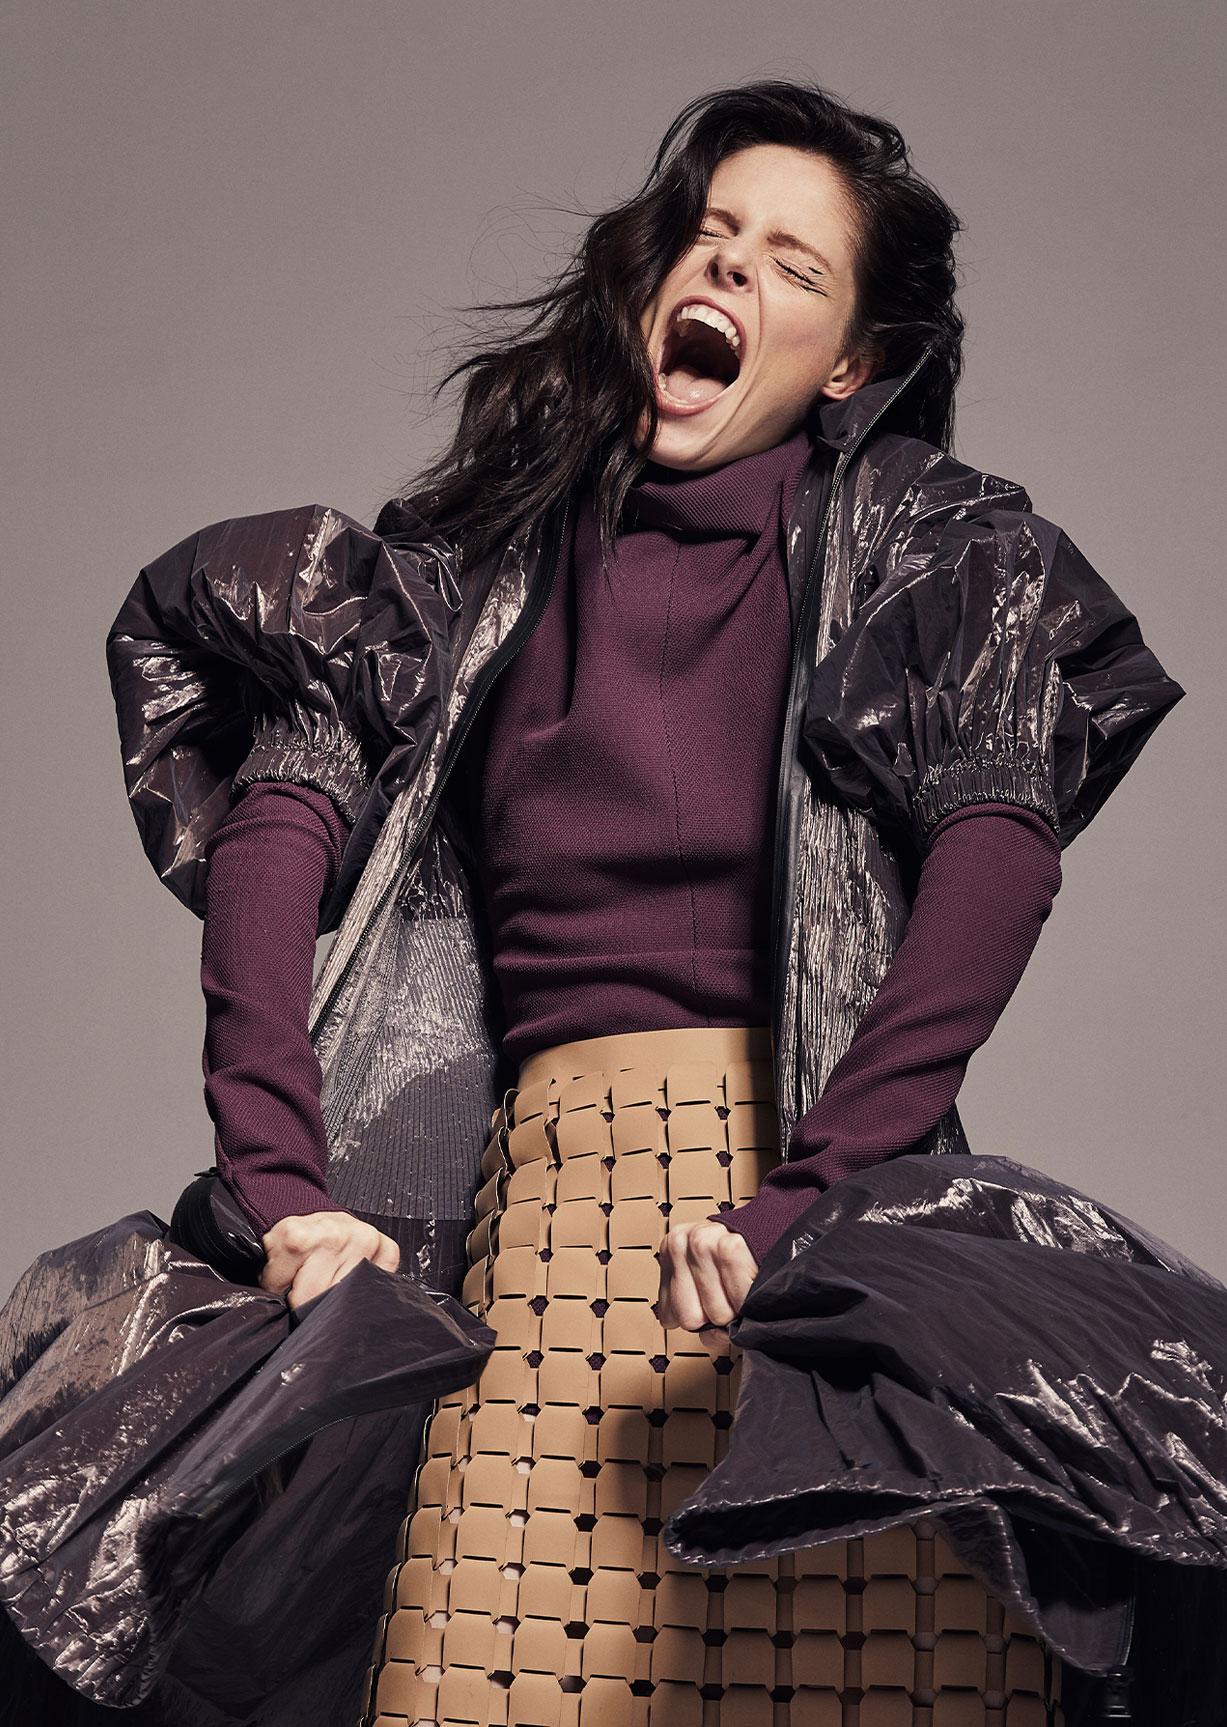 модное дефиле на крыше, модель Коко Роша / фото 14